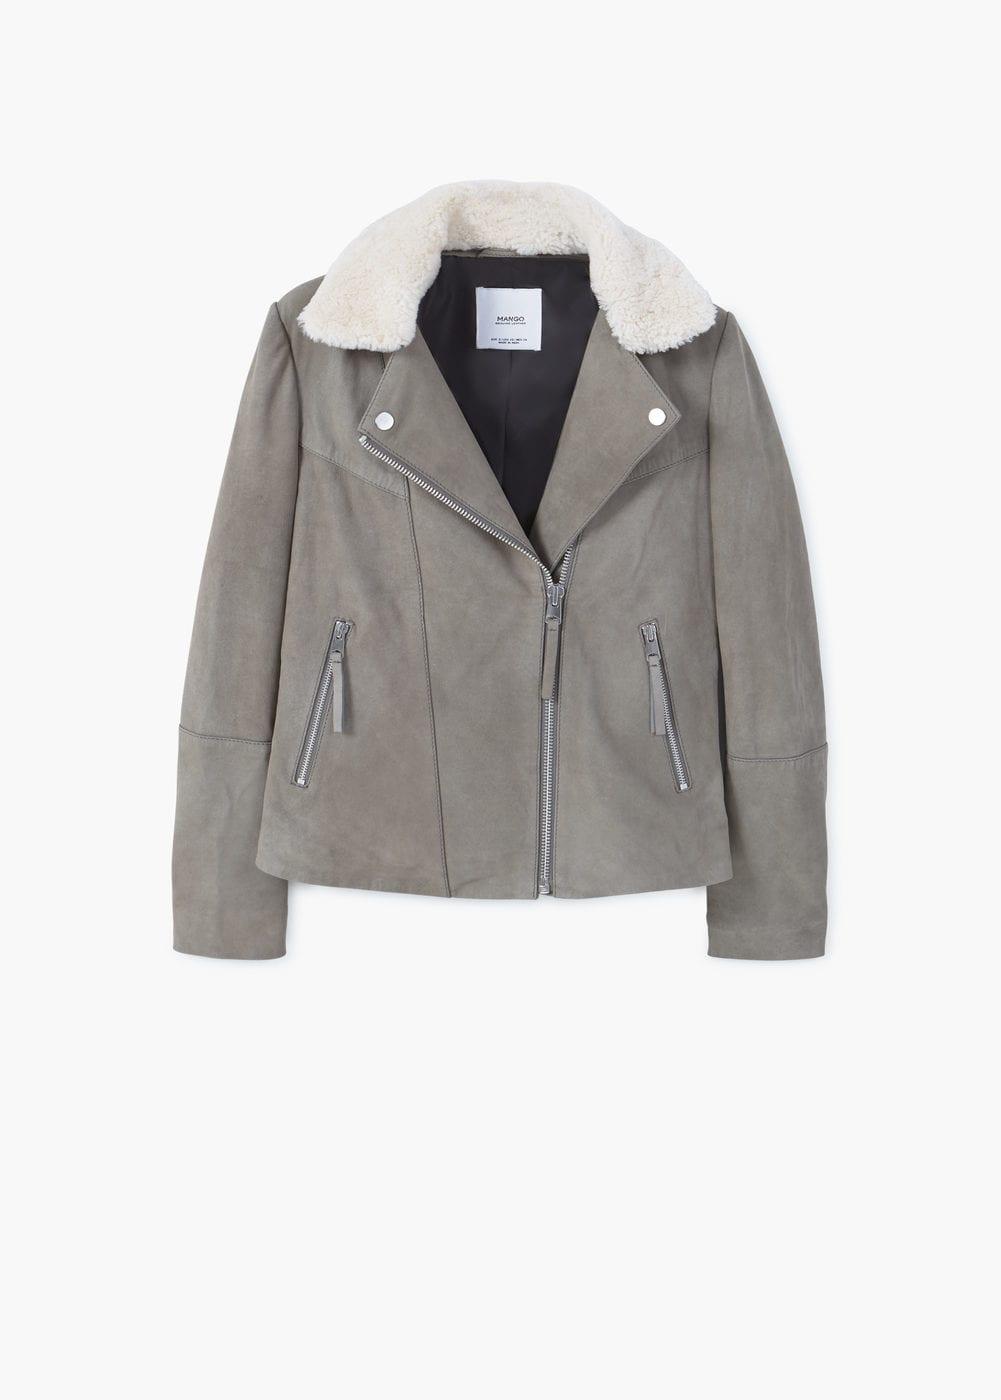 Mango Aviator leather Jacket $249.99